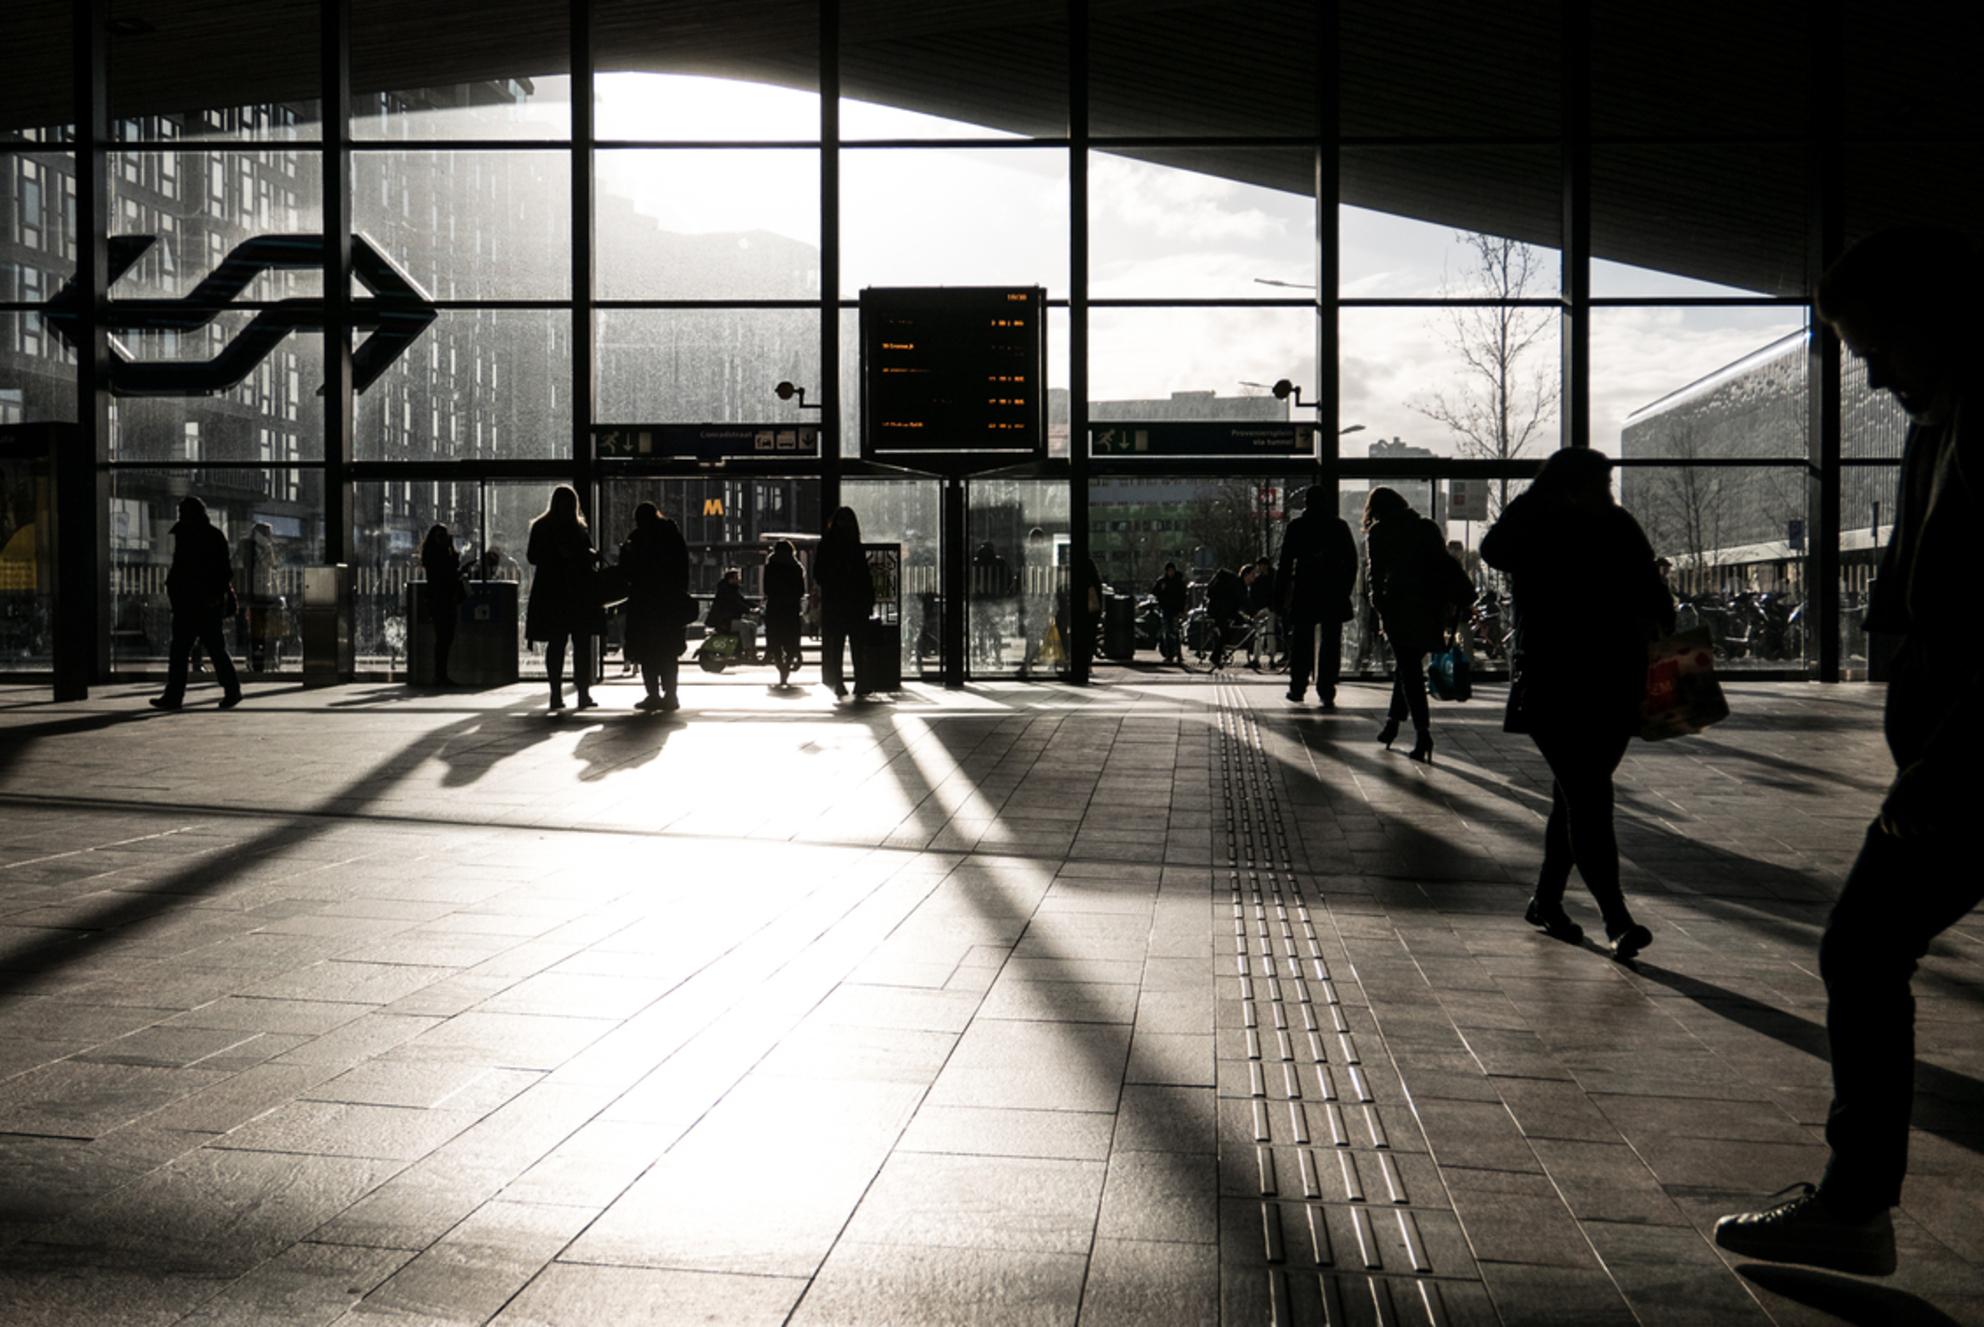 Rotterdam - Centraal Station - Avondzon en het centraal station van Rotterdam. - foto door Krulkoos op 16-03-2020 - deze foto bevat: station, mensen, zon, rotterdam, zonsondergang, reizen, schaduw, tegenlicht, stad, holland, nederland, ns, streetlife, straatfotografie, train, reisfotografie, public, streetphotography, slagschaduw, centraal station, rotterdam centraal, Netherland, maurice weststrate, lx100 - Deze foto mag gebruikt worden in een Zoom.nl publicatie